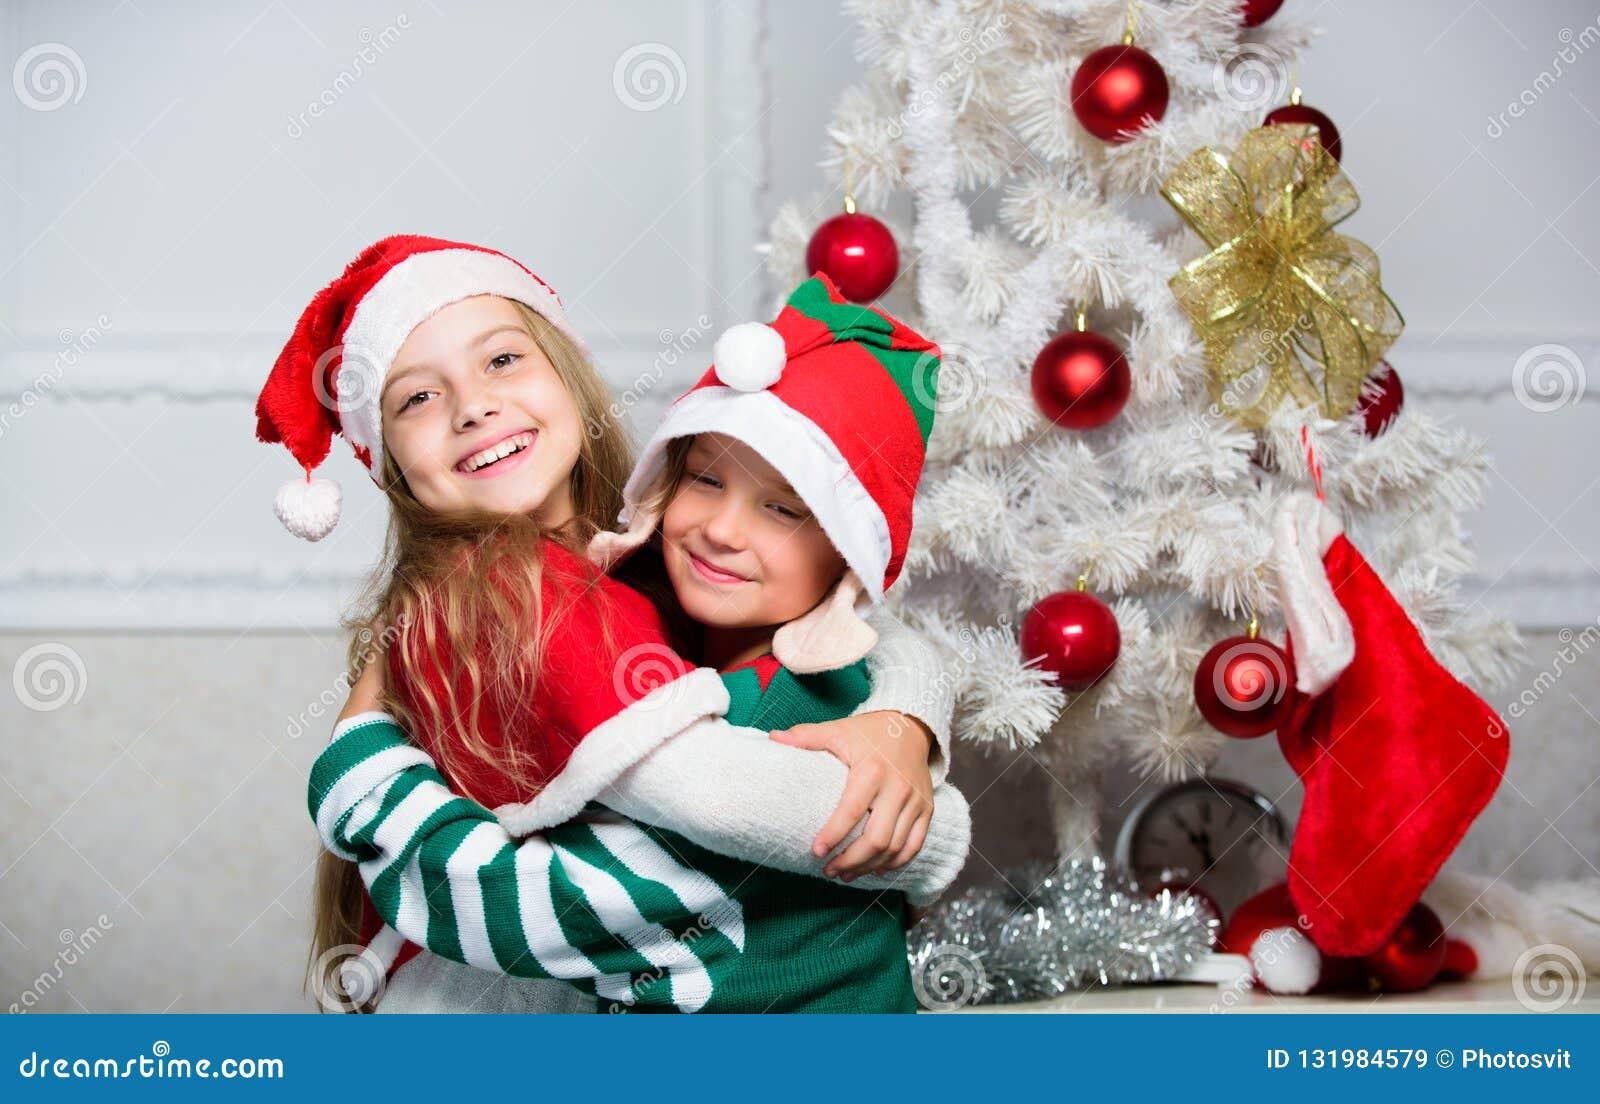 Joyeux Noël Tradition de vacances de famille Les enfants gais célèbrent Noël Costumes Santa de Noël d enfants et elfe